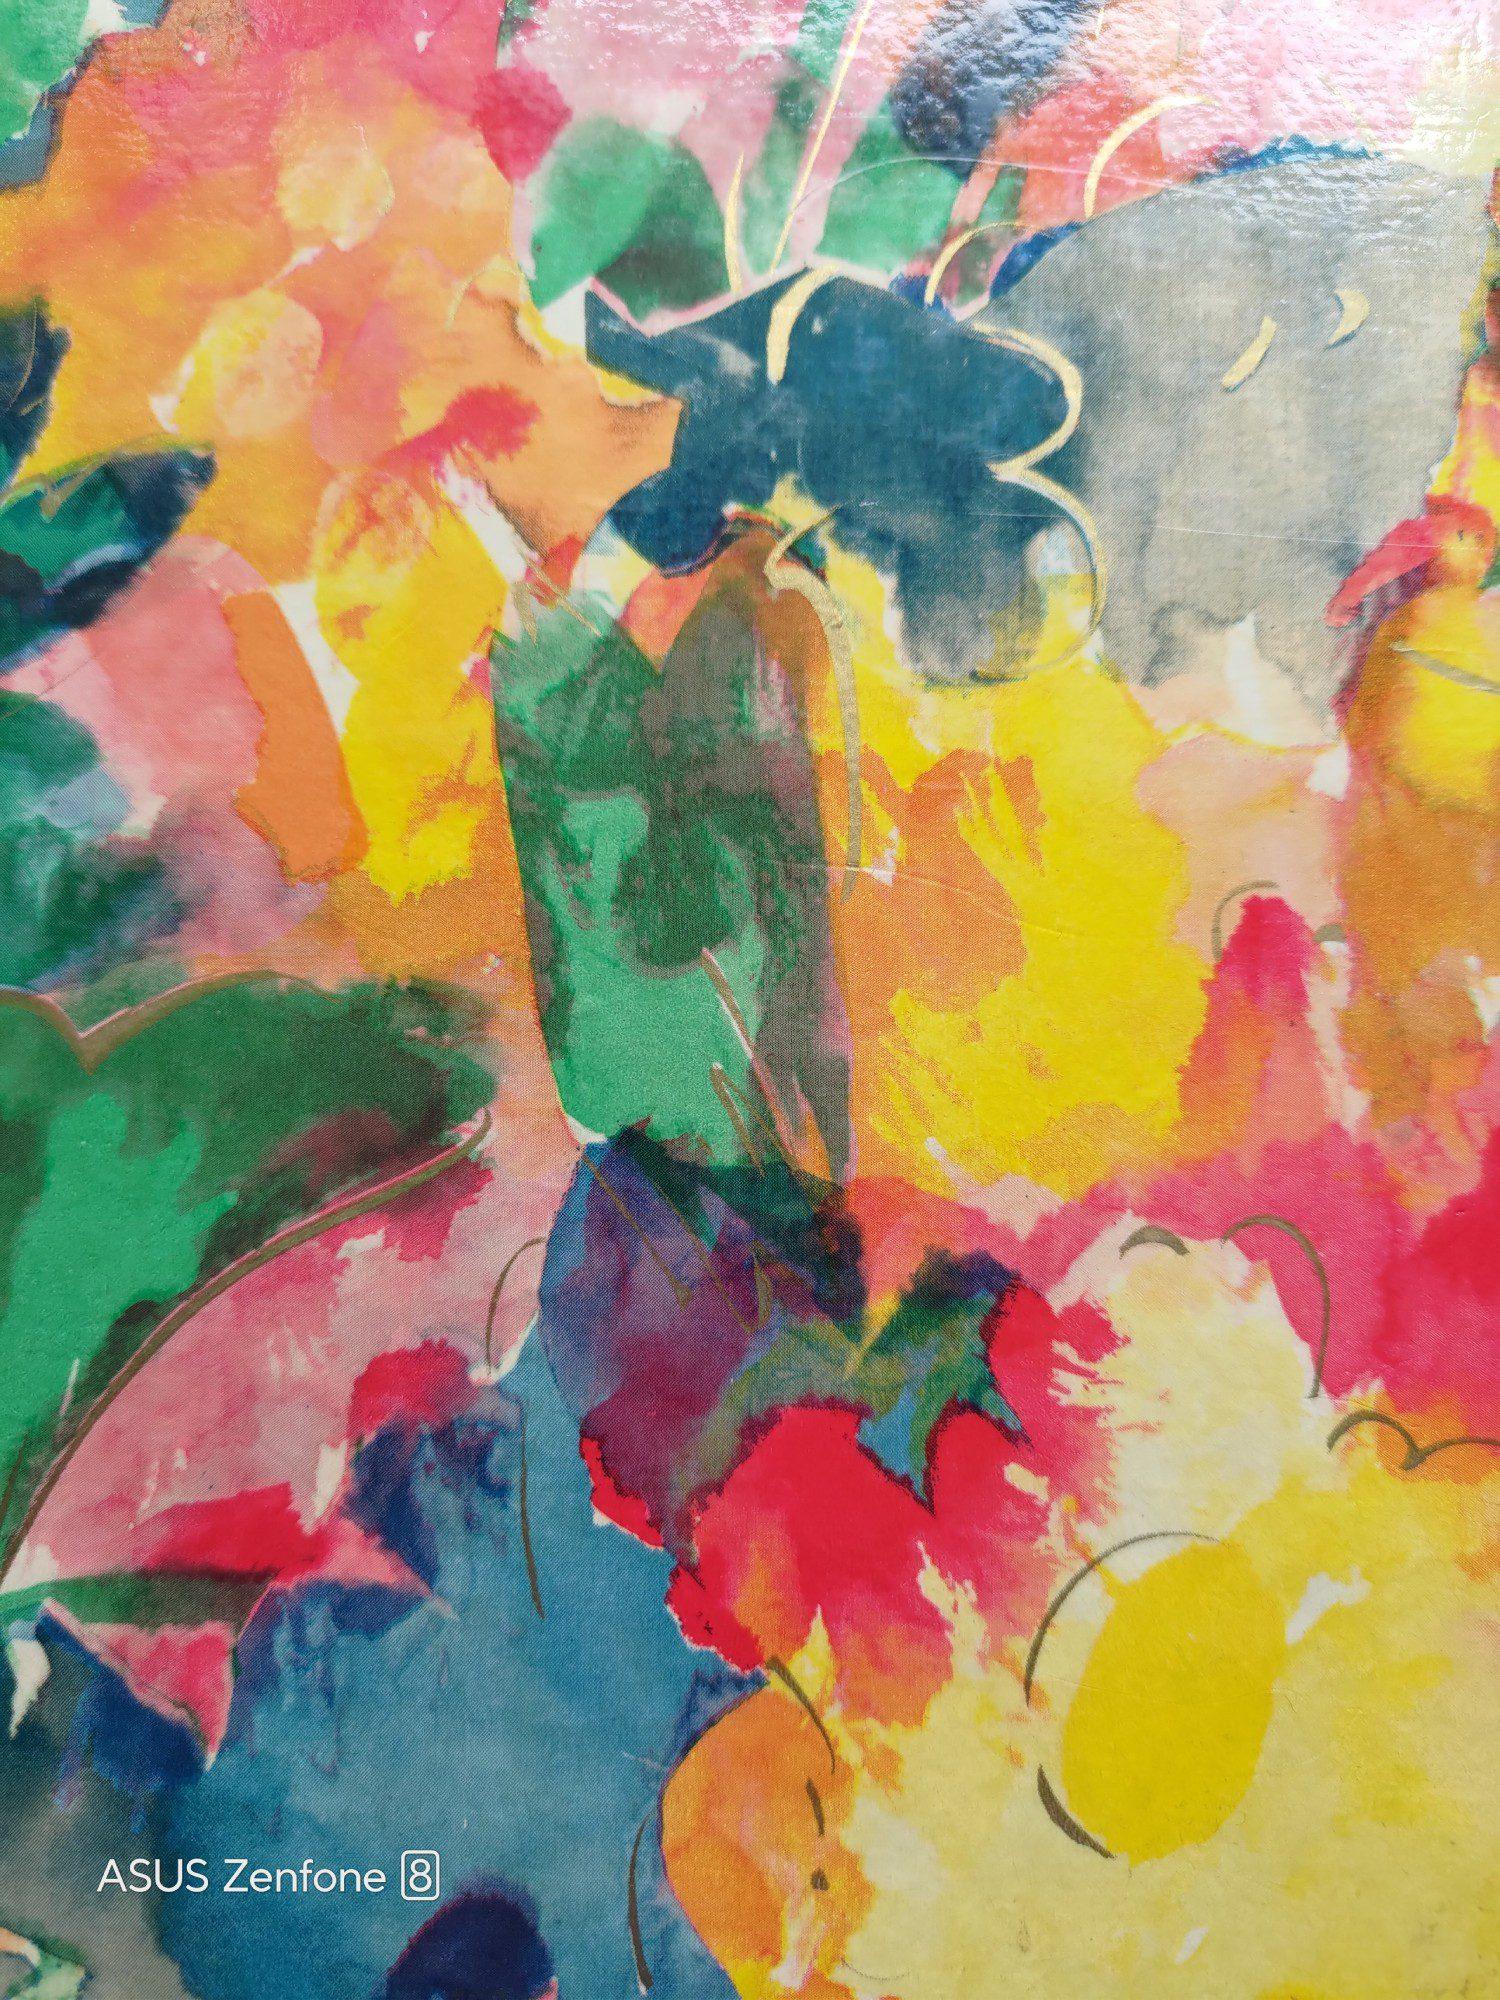 kolory na zdjęciach aparatem zenfone 8